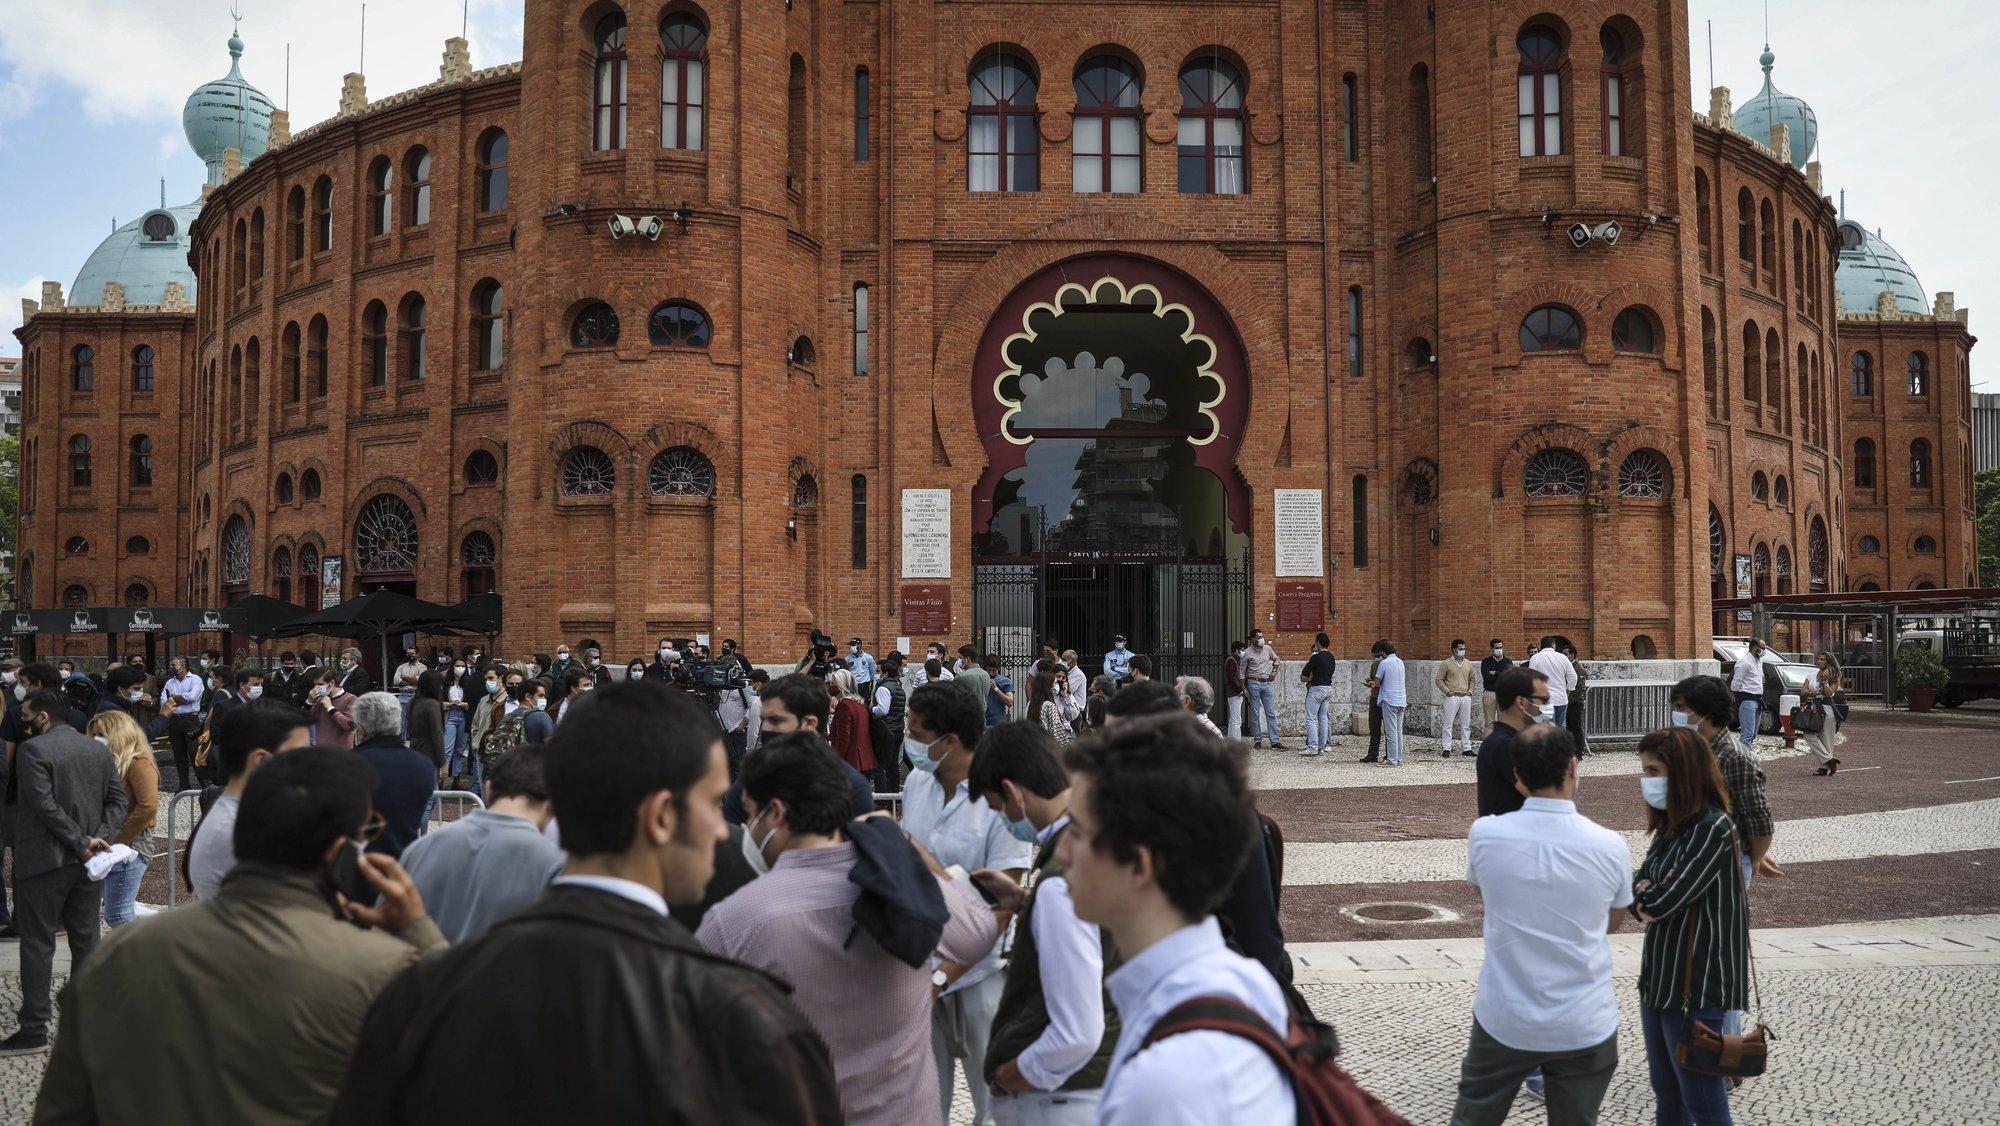 Protesto da Federação Portuguesa de Tauromaquia (ProToiro), contra a não permissão pelo Governo do retomar das touradas, na atual fase de desconfinamento, devido à pandemia de covid-19, em frente ao Campo Pequeno, em Lisboa, 22 de abril de 2021. RODRIGO ANTUNES/LUSA